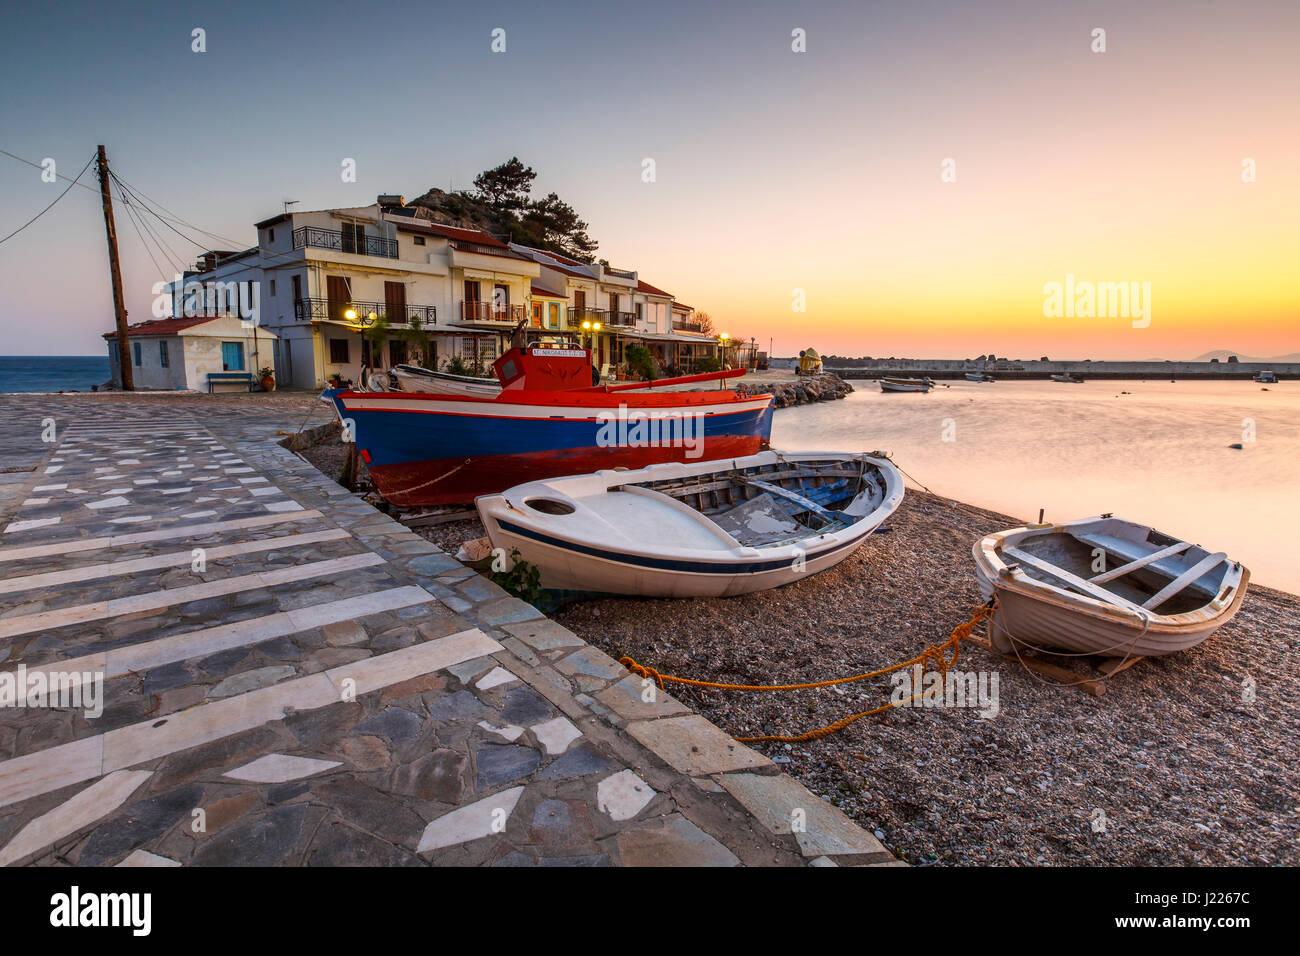 Village de Kokkari pittoresque sur l'île de Samos, Grèce. Photo Stock